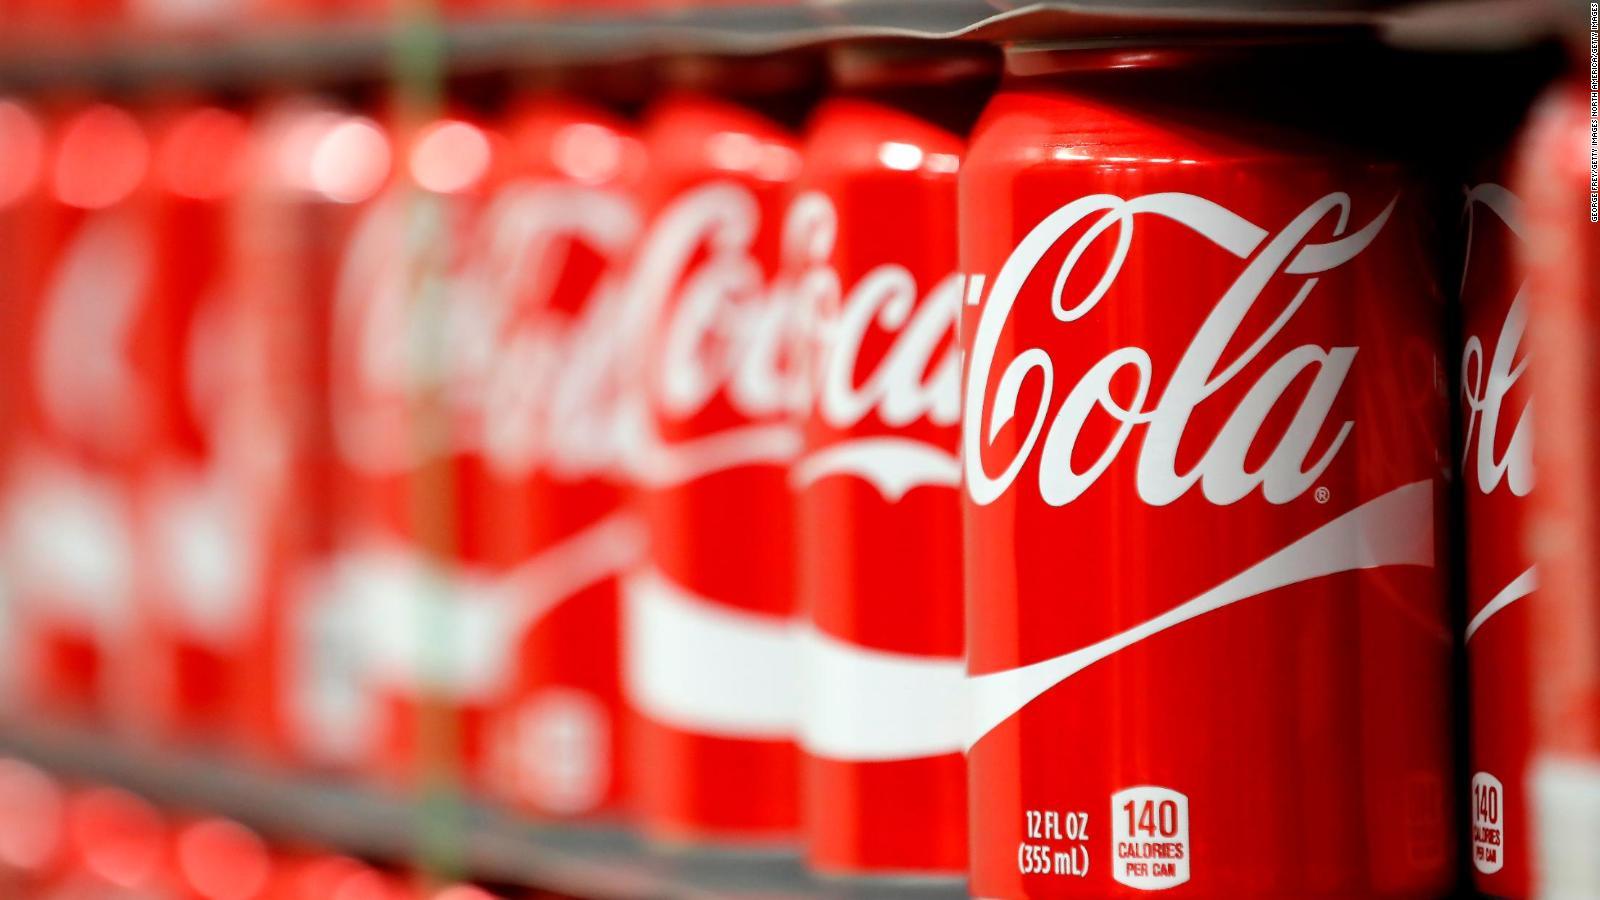 Coca Cola Retira Anuncios De Todas Las Plataformas De Redes Sociales A Nivel Mundial Cnn